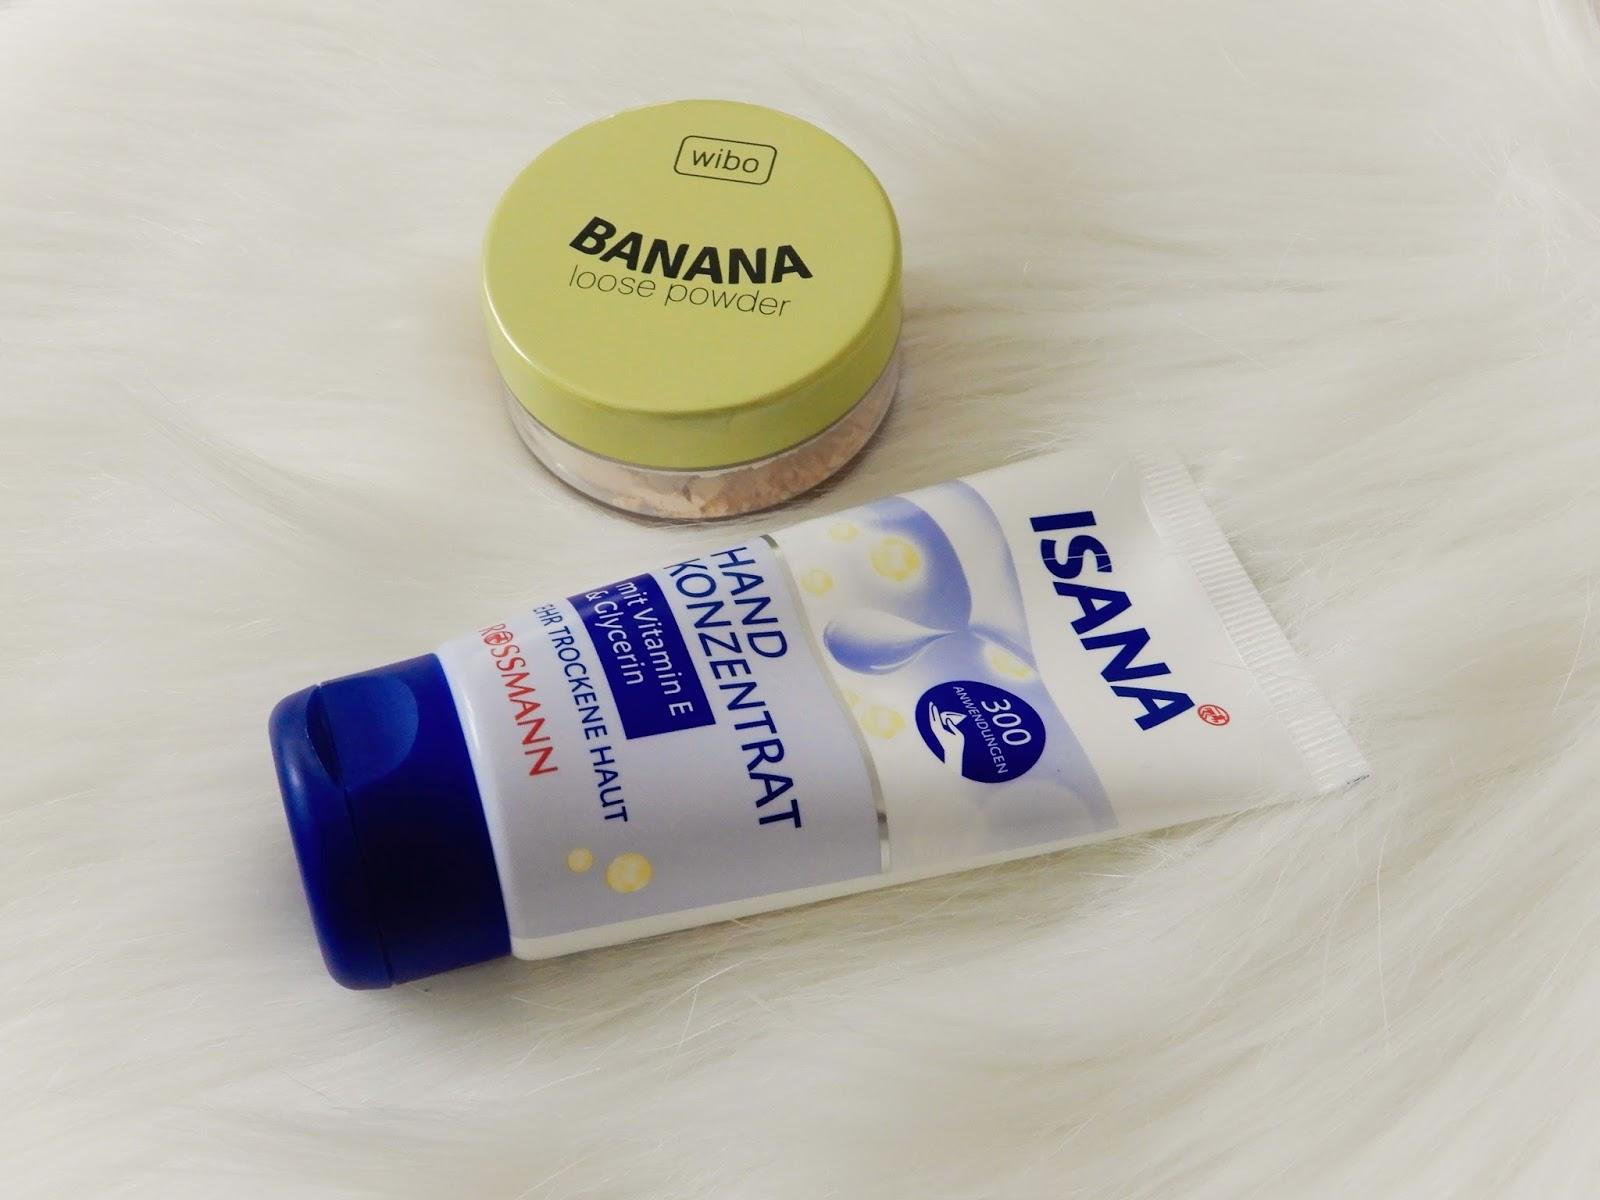 WIBO Banana Loose Powder, Isana hand konzentrat,